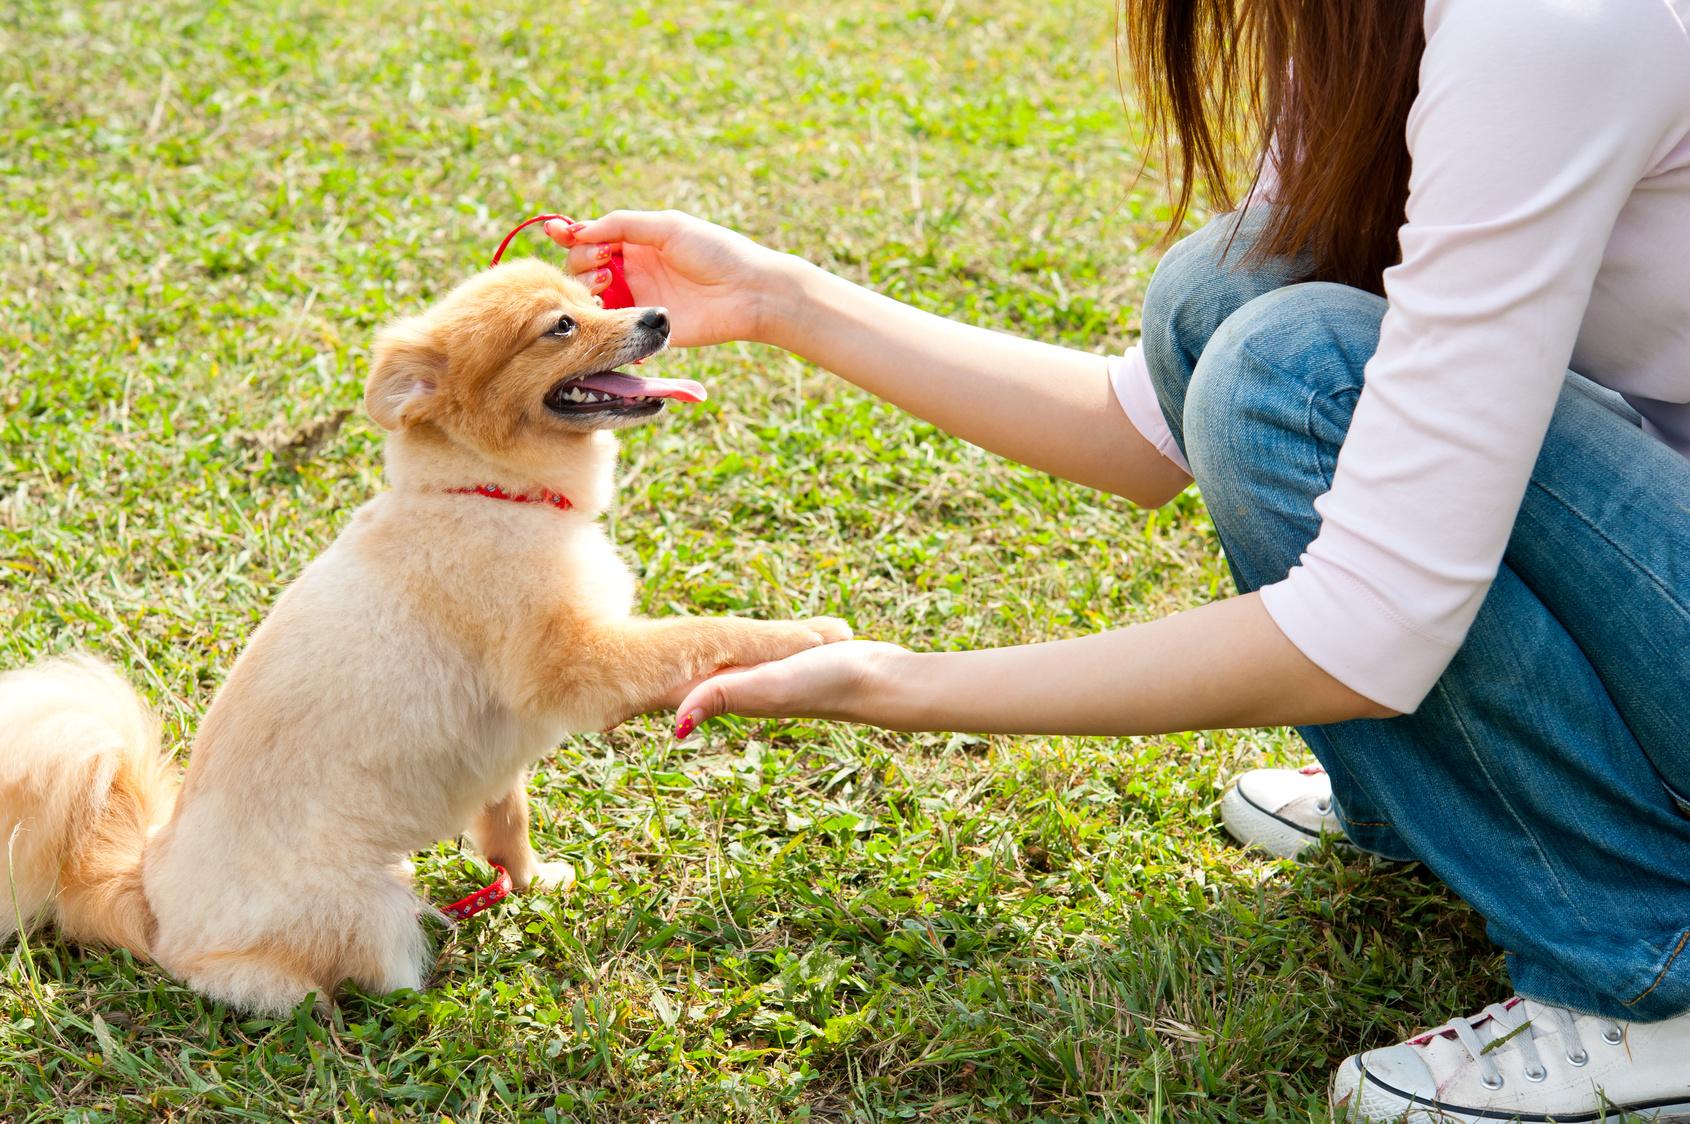 ワンちゃん大興奮!関東で犬が喜ぶお出かけスポット